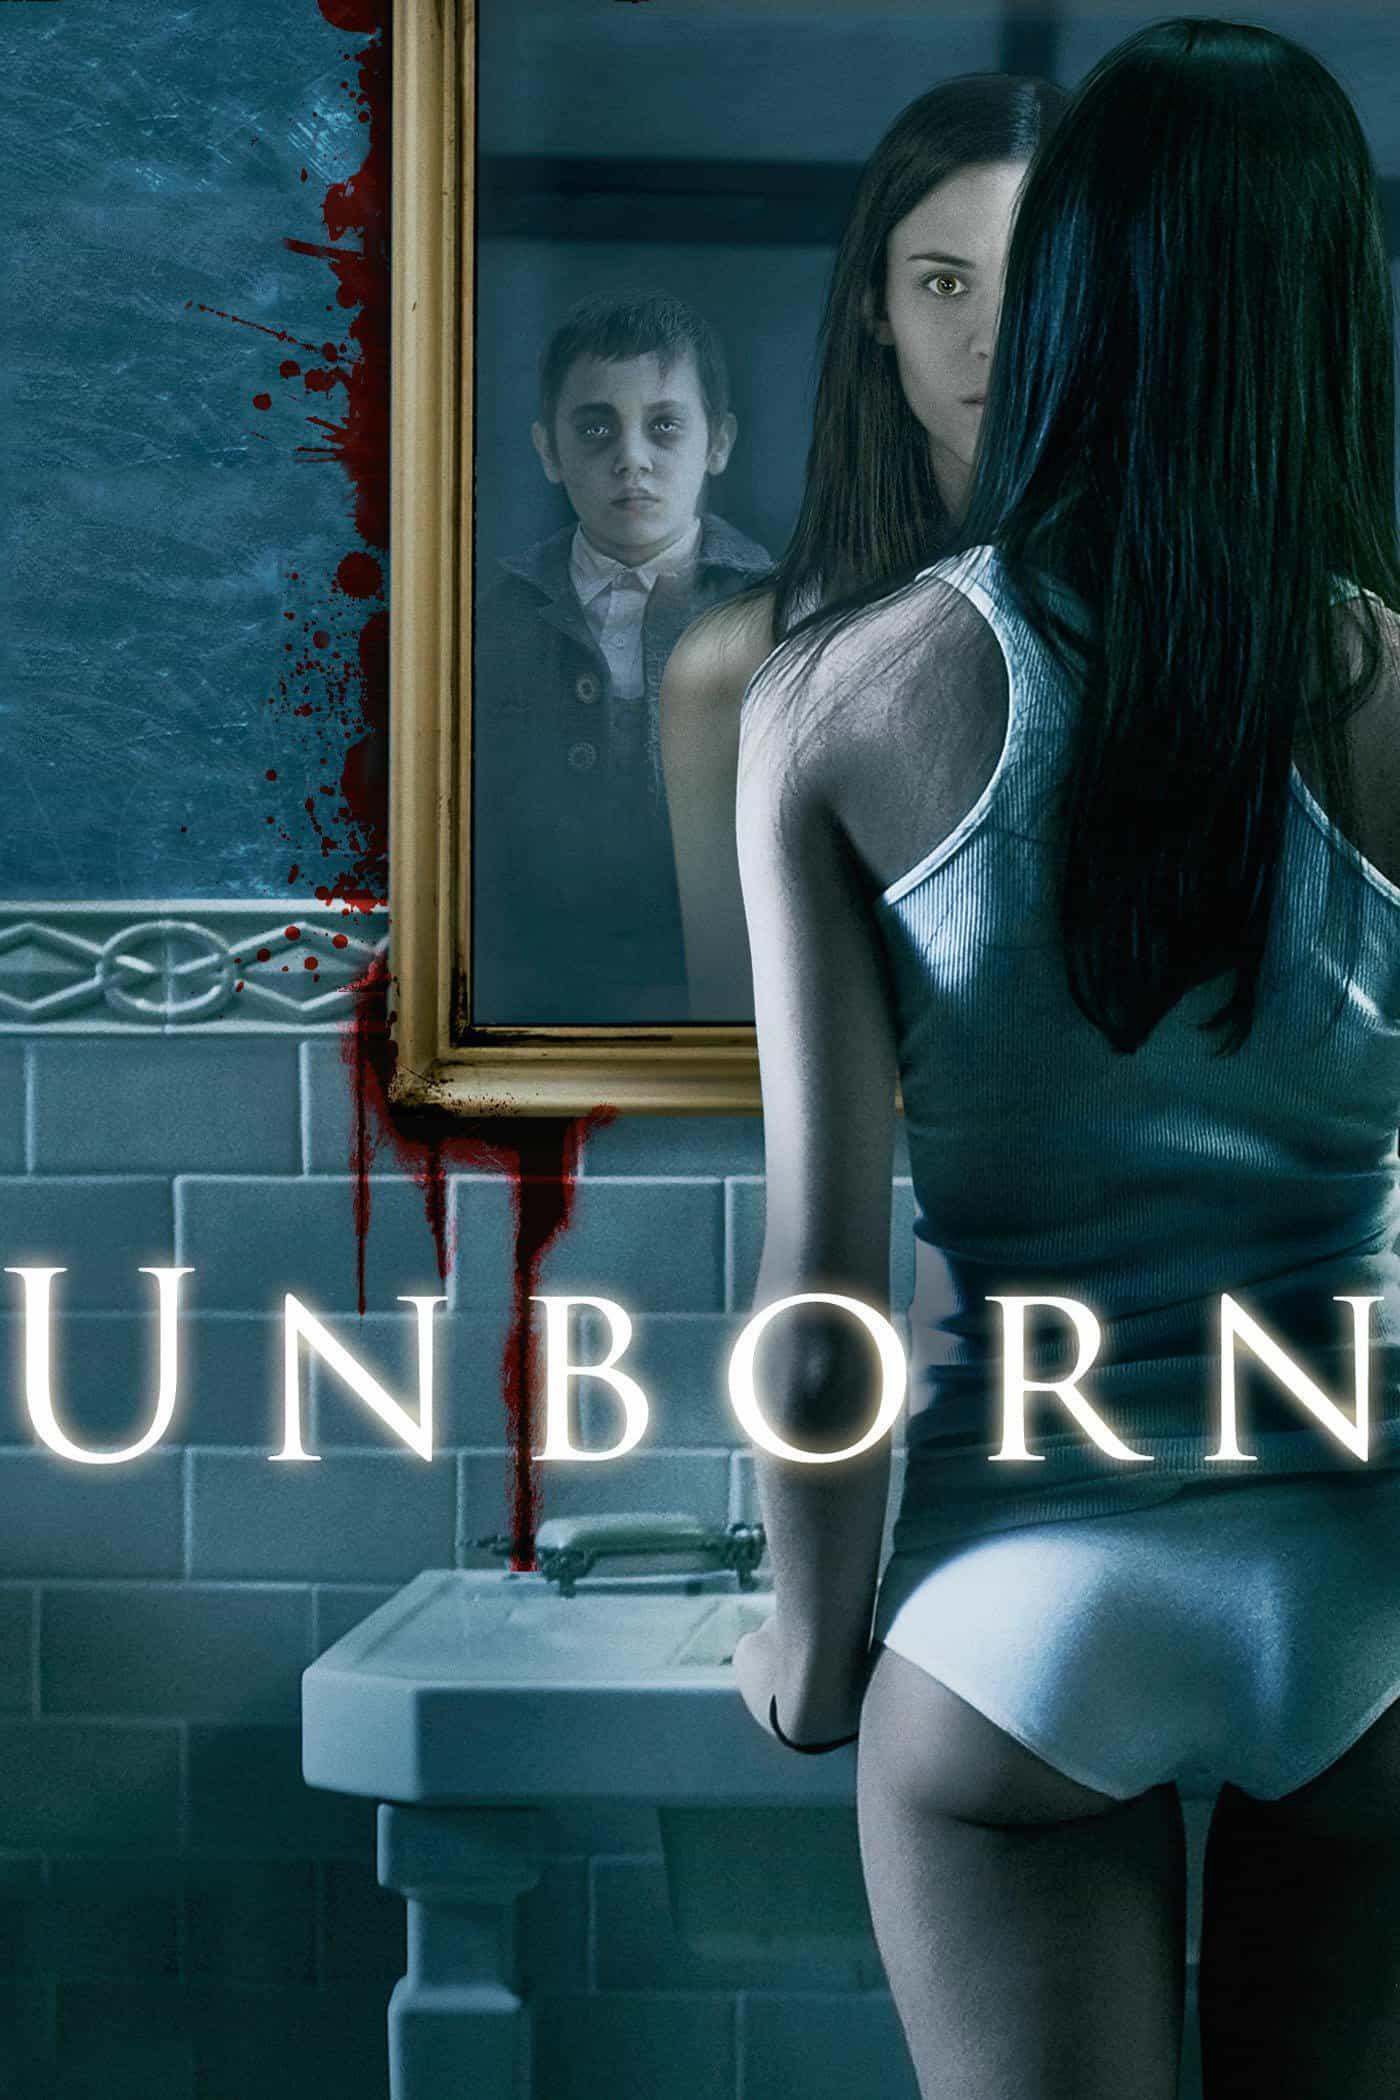 The Unborn, 2009